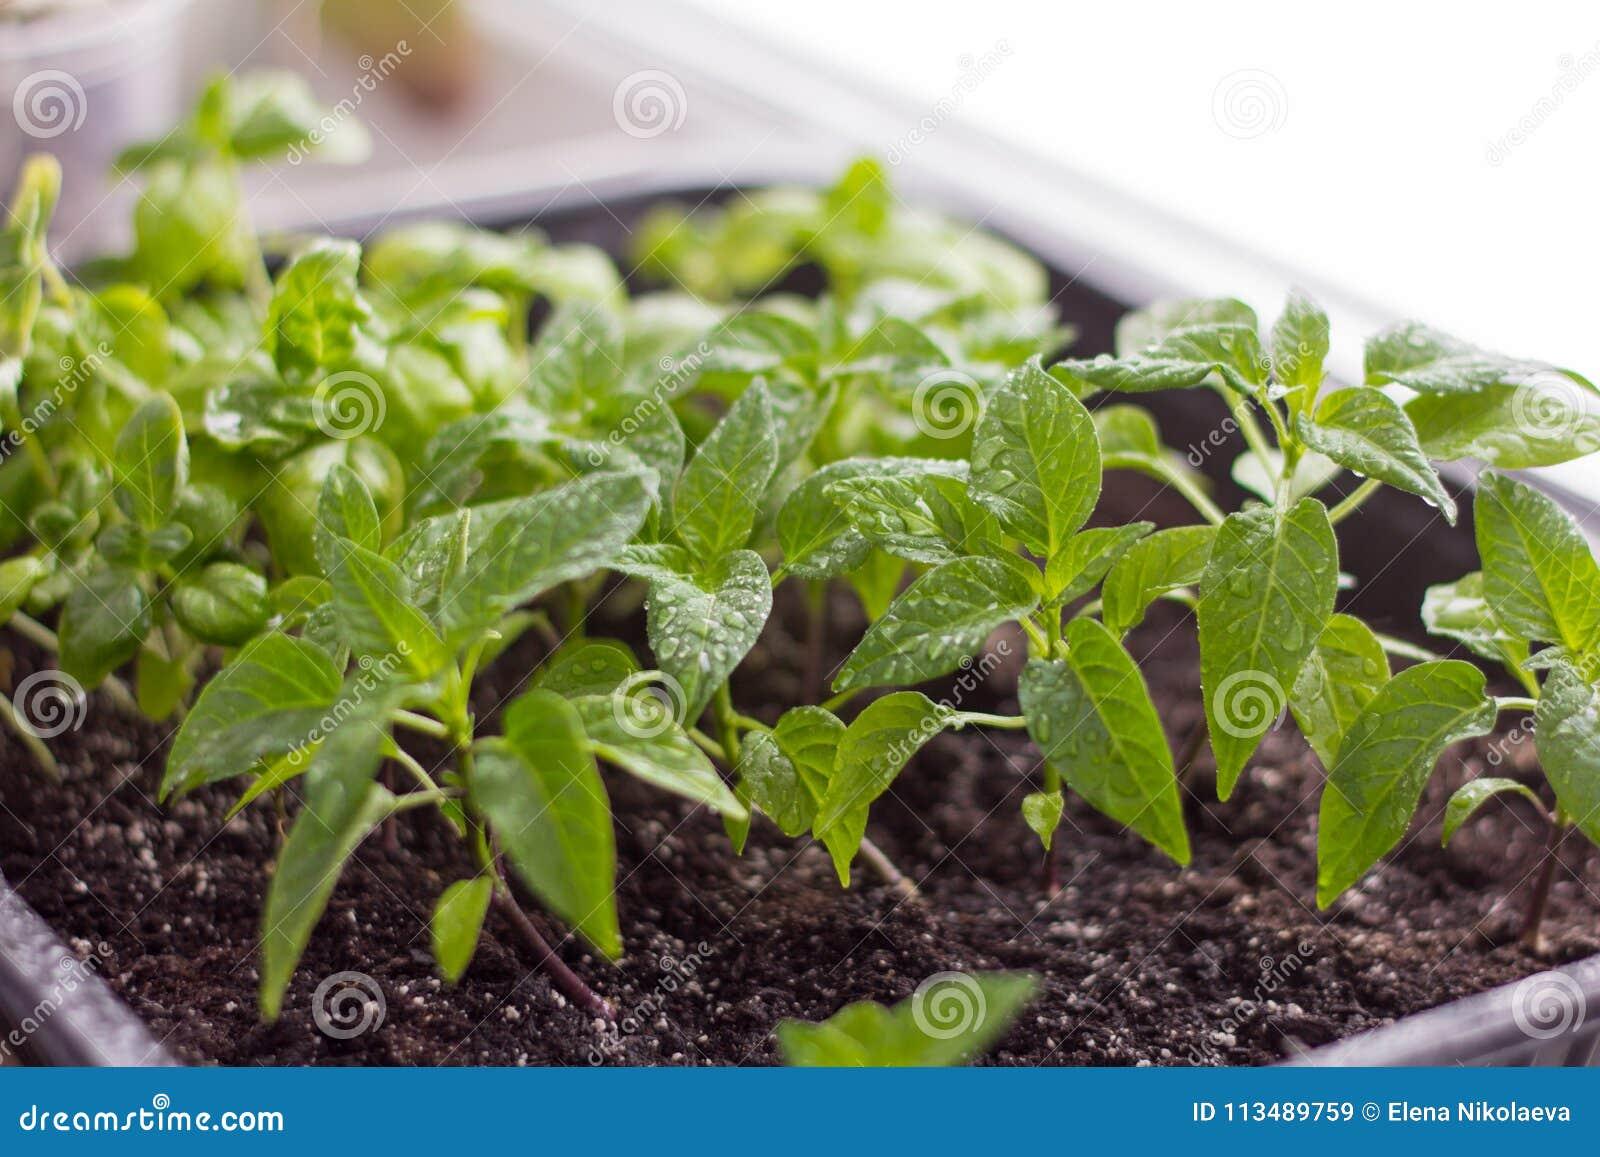 Jeunes plantes, poivrons cultivés et Basil sur le rebord de fenêtre